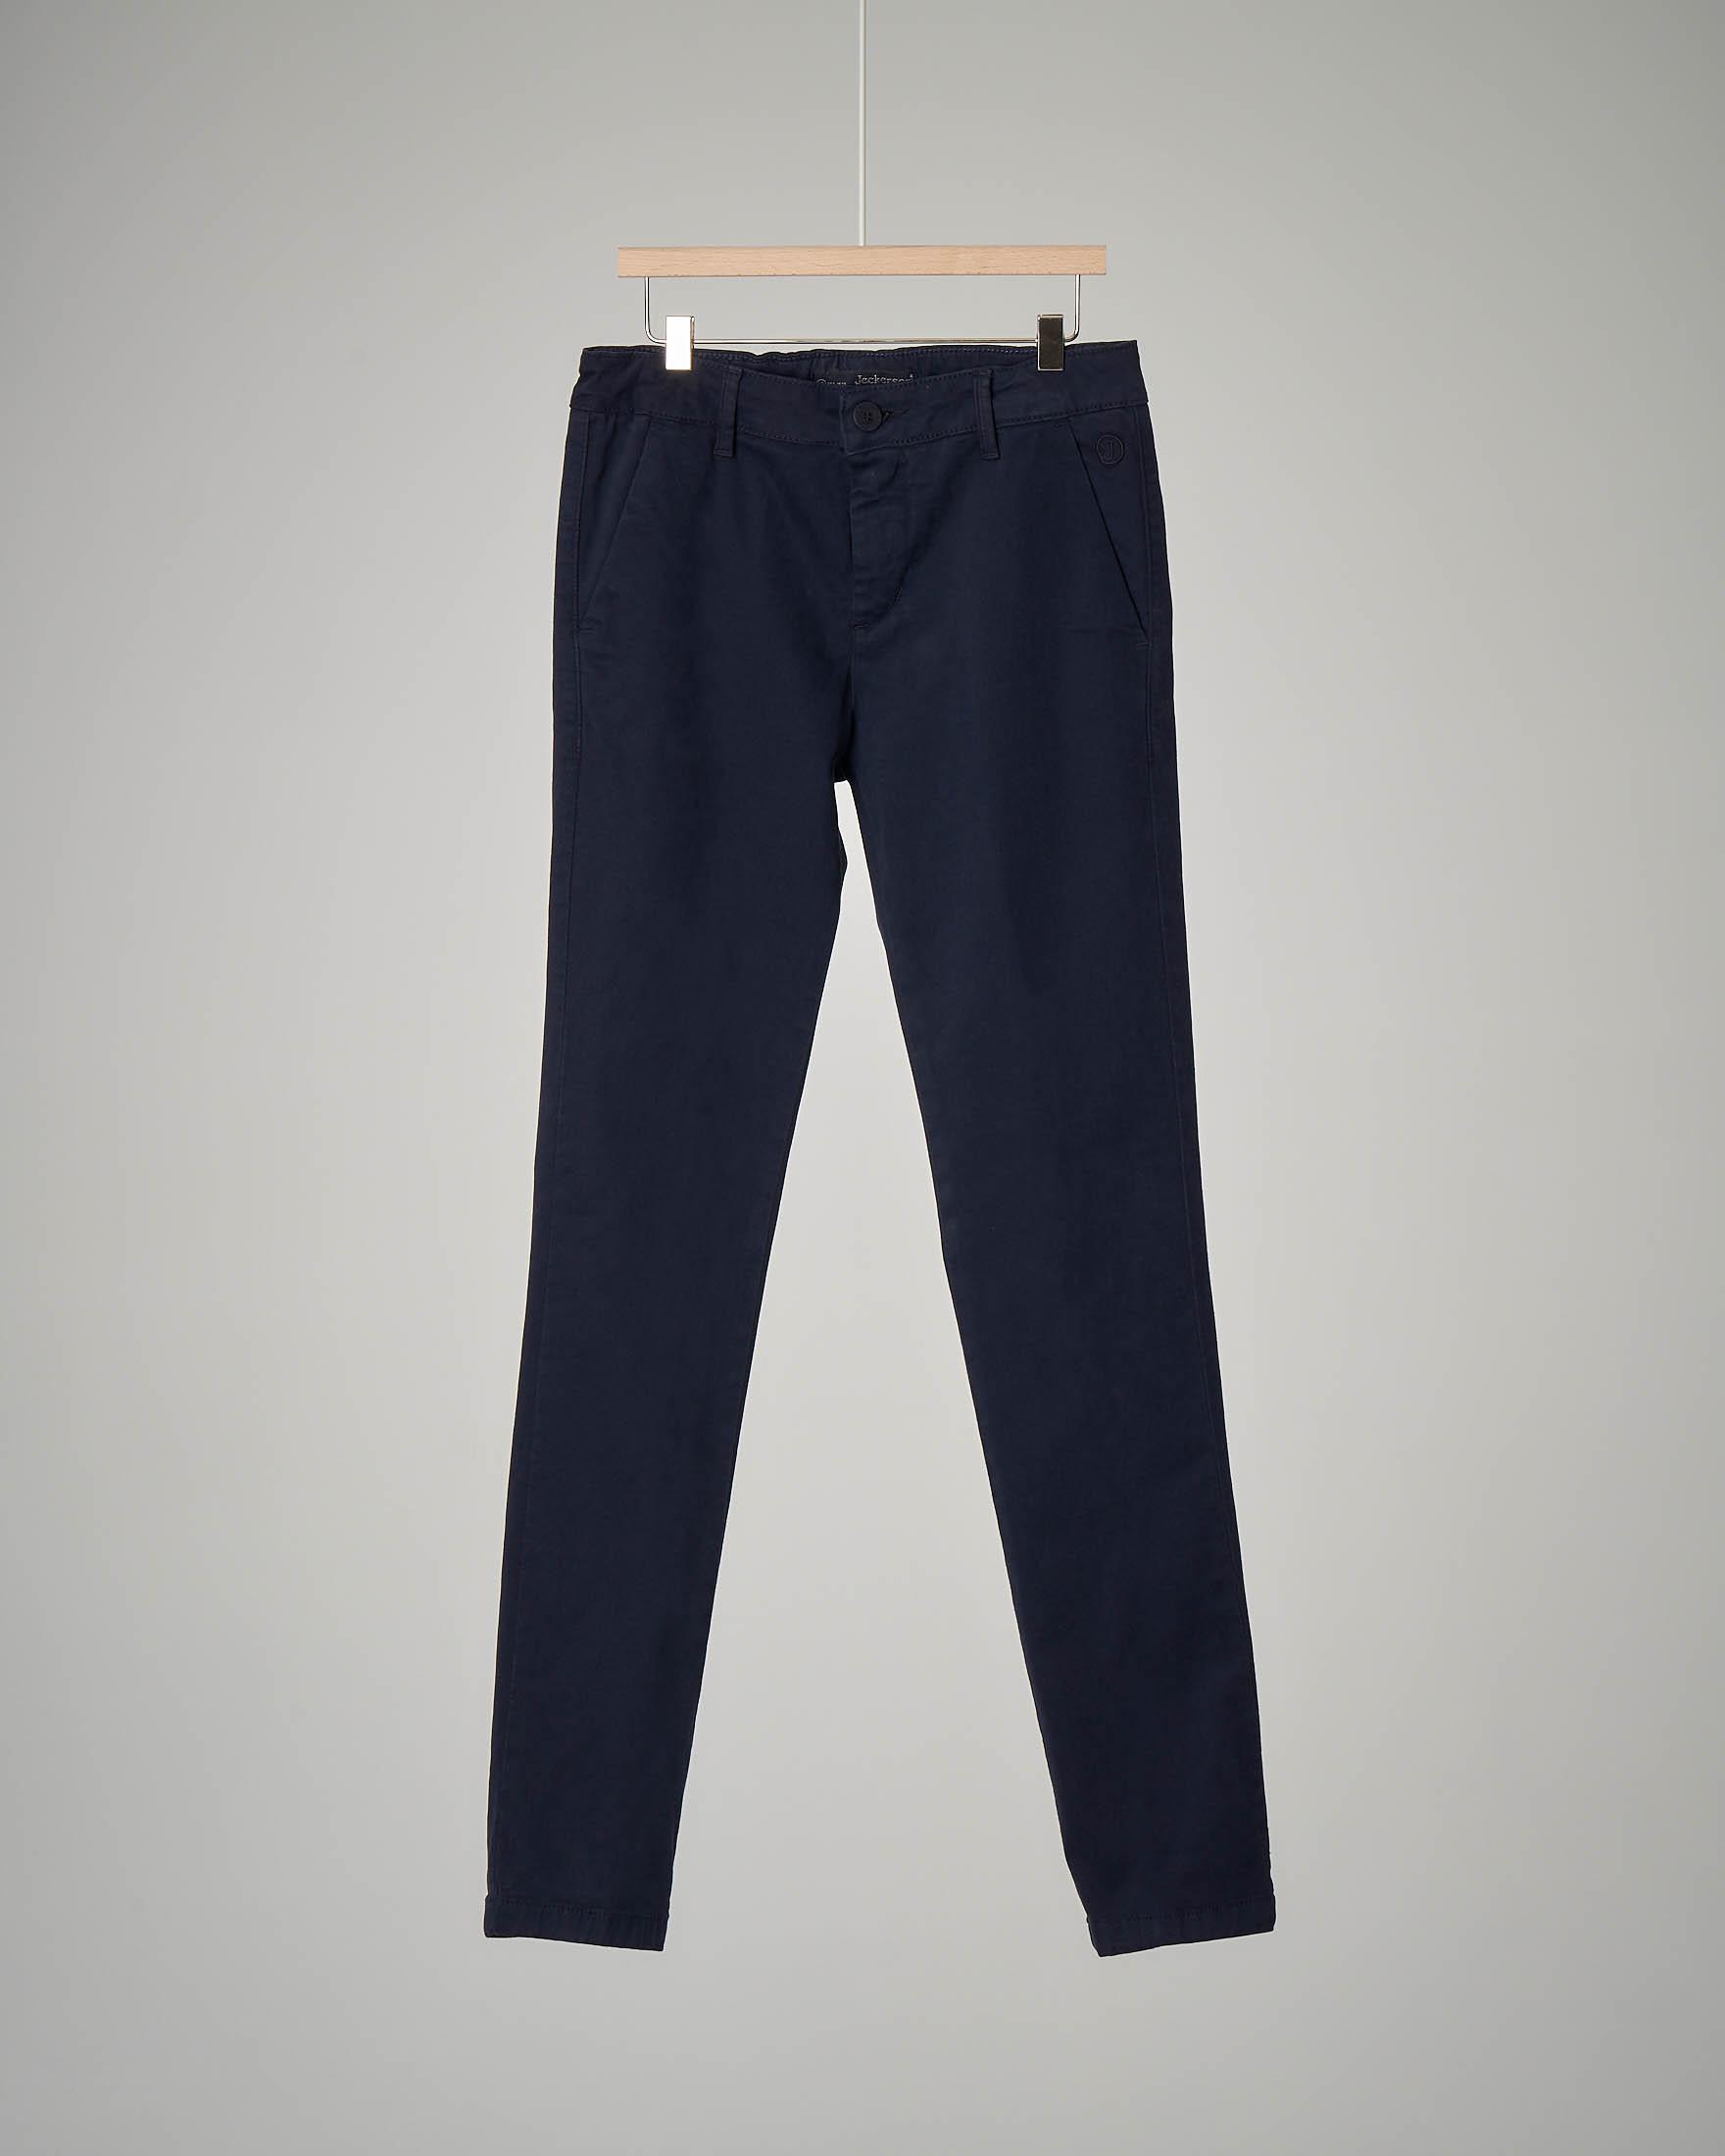 Pantalone chino blu in cotone elaticizzato